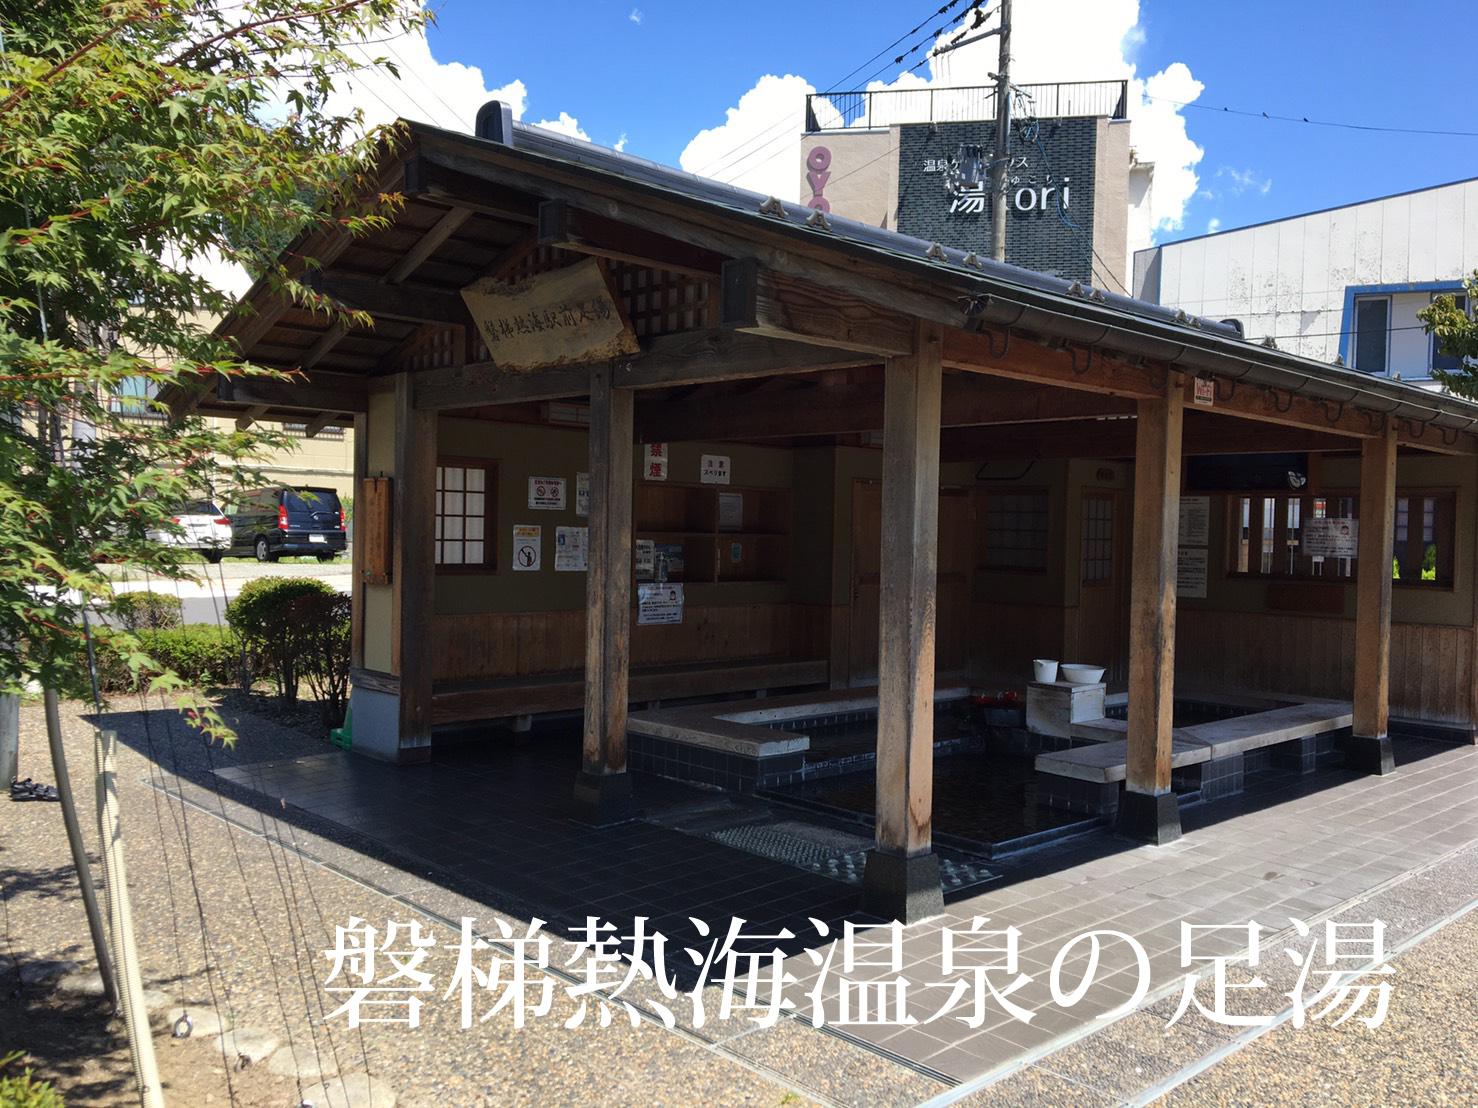 磐梯熱海温泉で足湯(2021年8月4日)